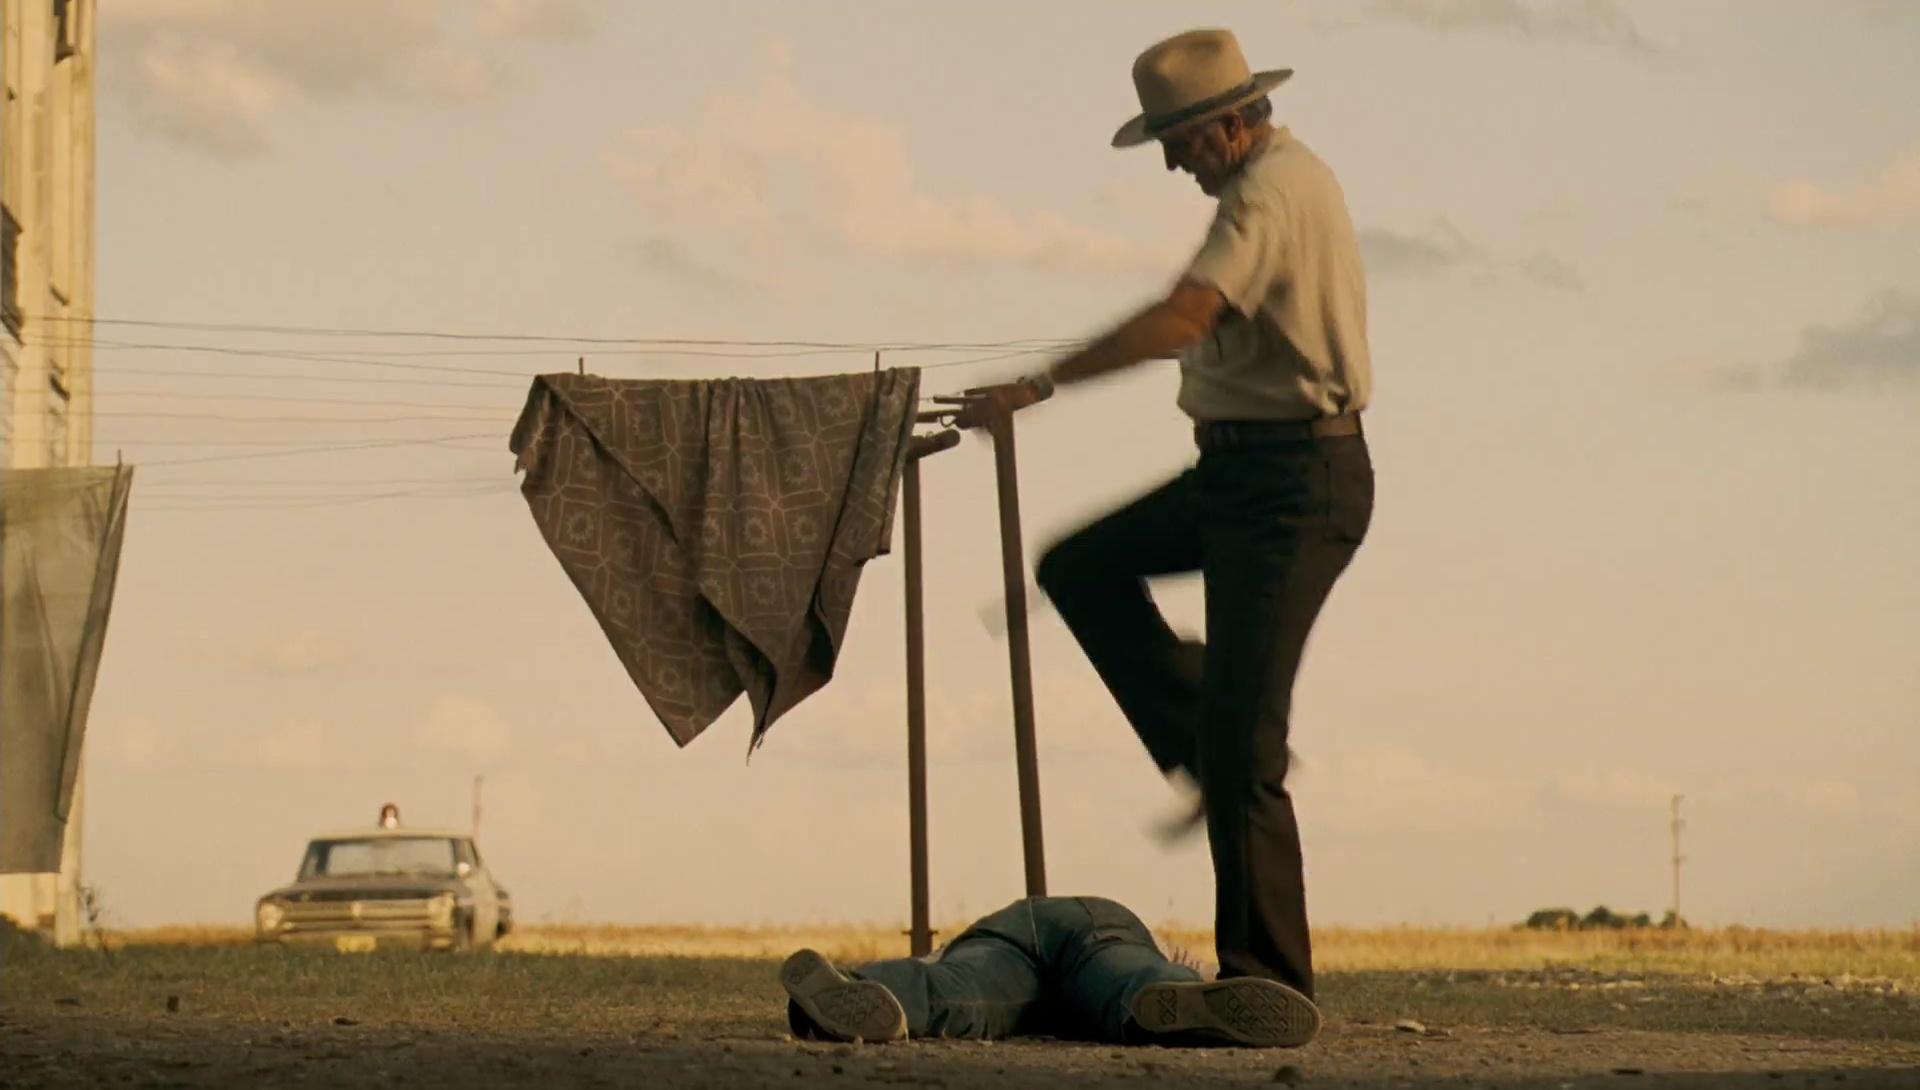 La Masacre De Texas El Inicio 1080p Lat-Cast-Ing 5.1 (2006)